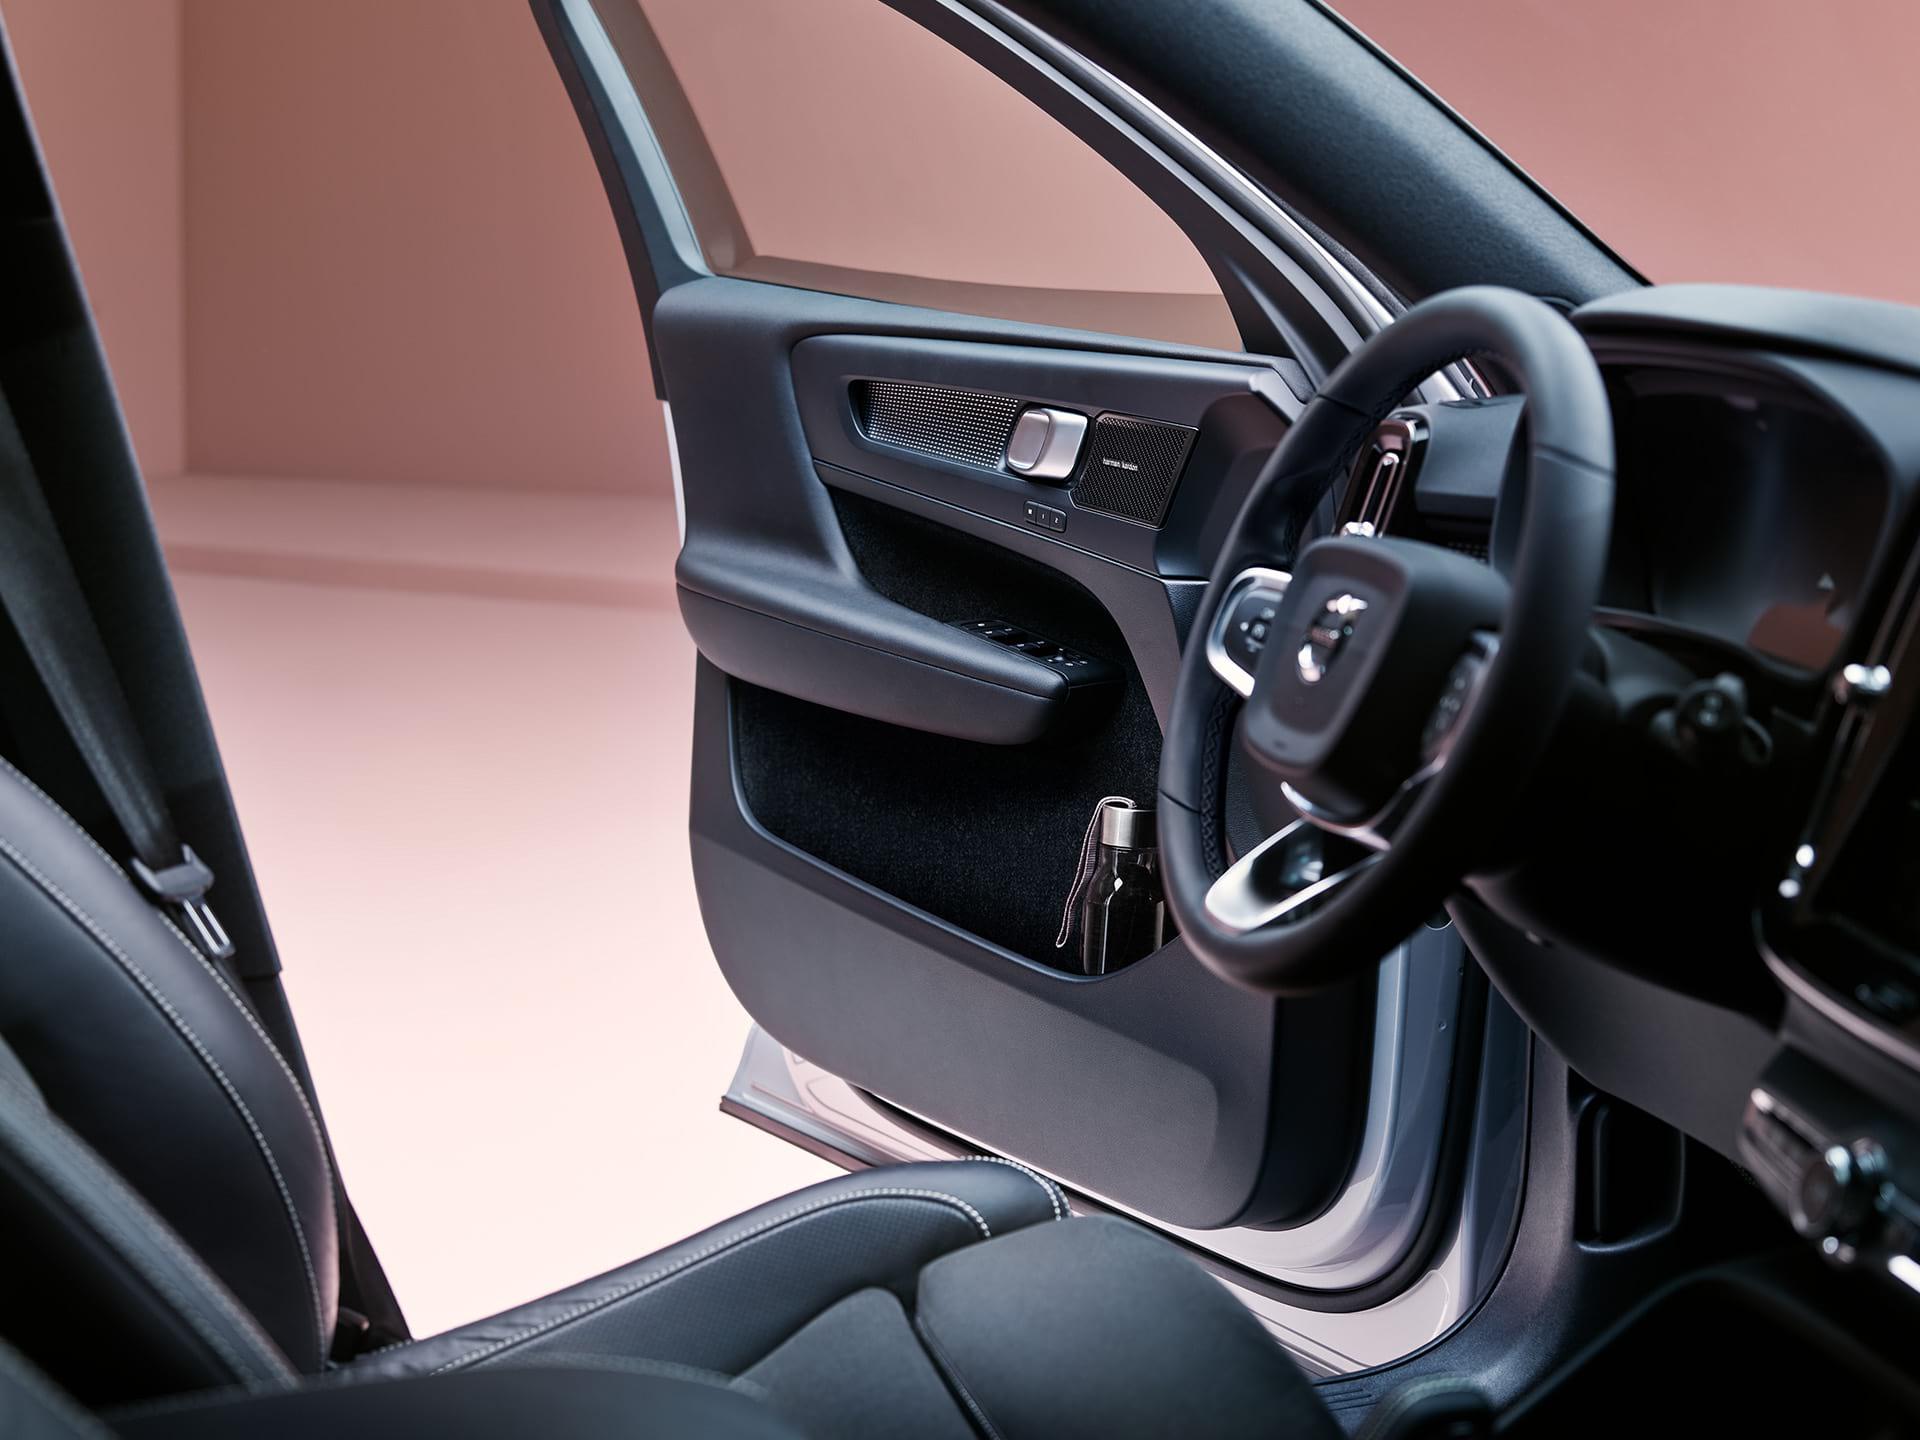 ด้านใน Volvo XC40 Recharge ที่ตกแต่งด้วยสีดำ ประตูด้านคนขับเปิดอยู่ และมีขวดน้ำอยู่ที่ประตู